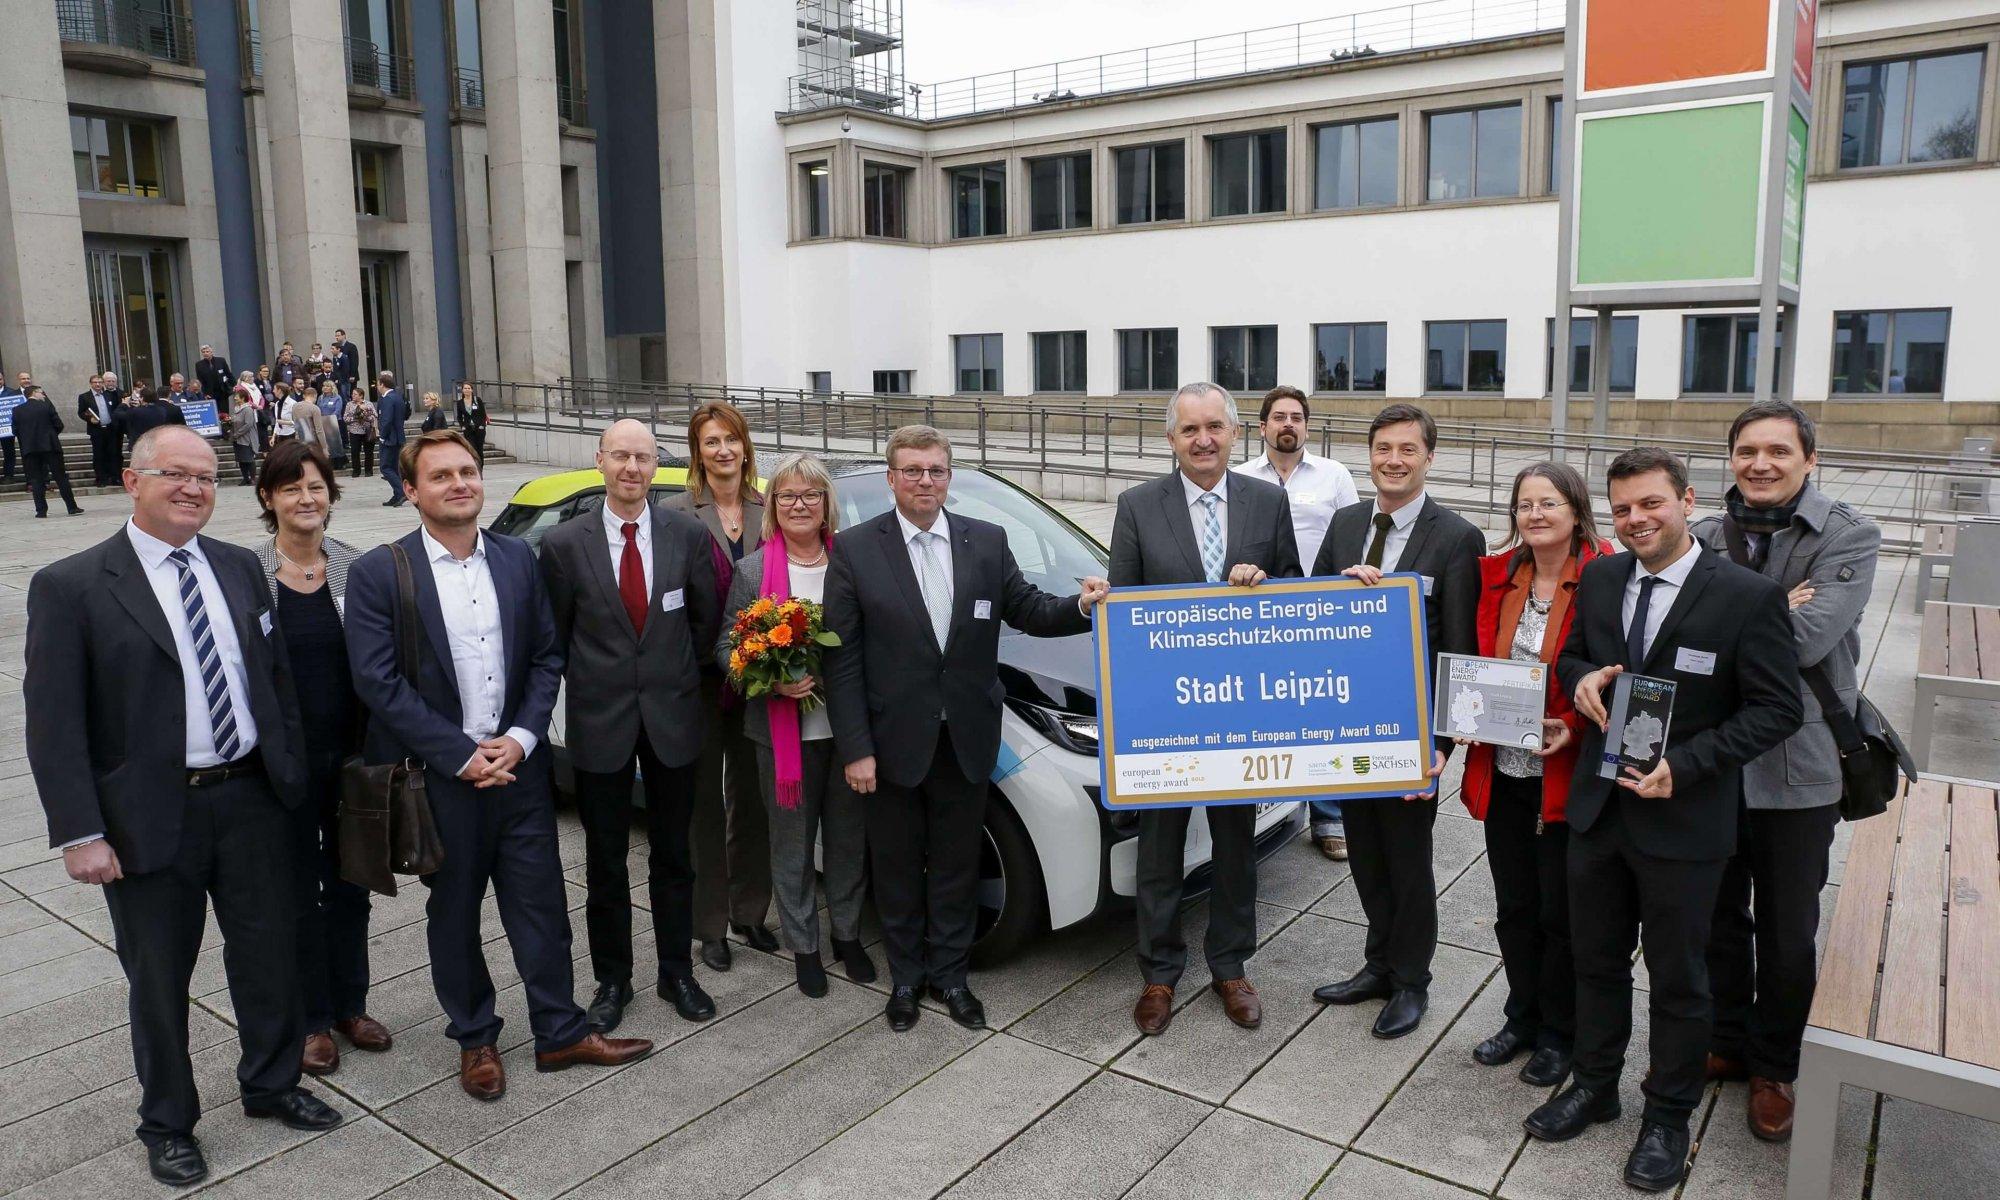 Preisverleihung der EEA in Gold für die Stadt Leipzig